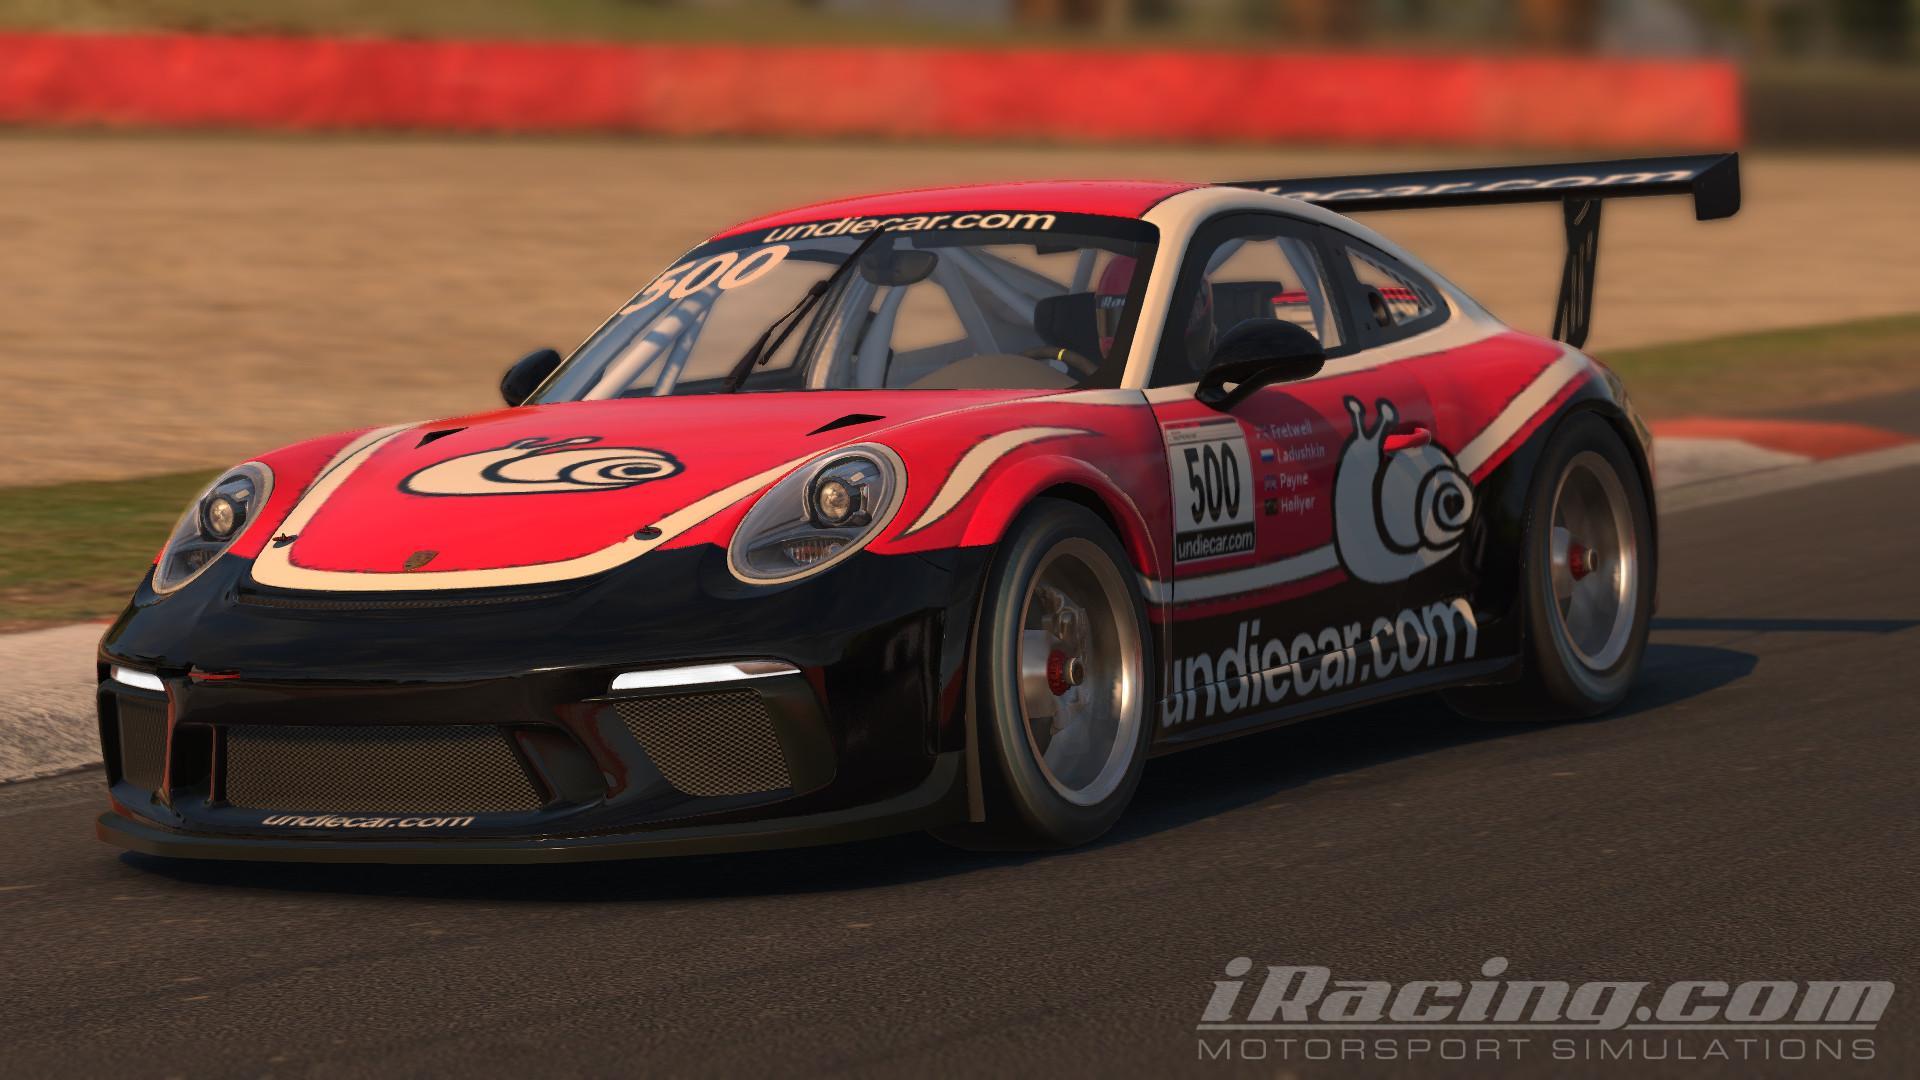 Preview of Undiecar Porsche 911 GT3 by Ryan Hellyer